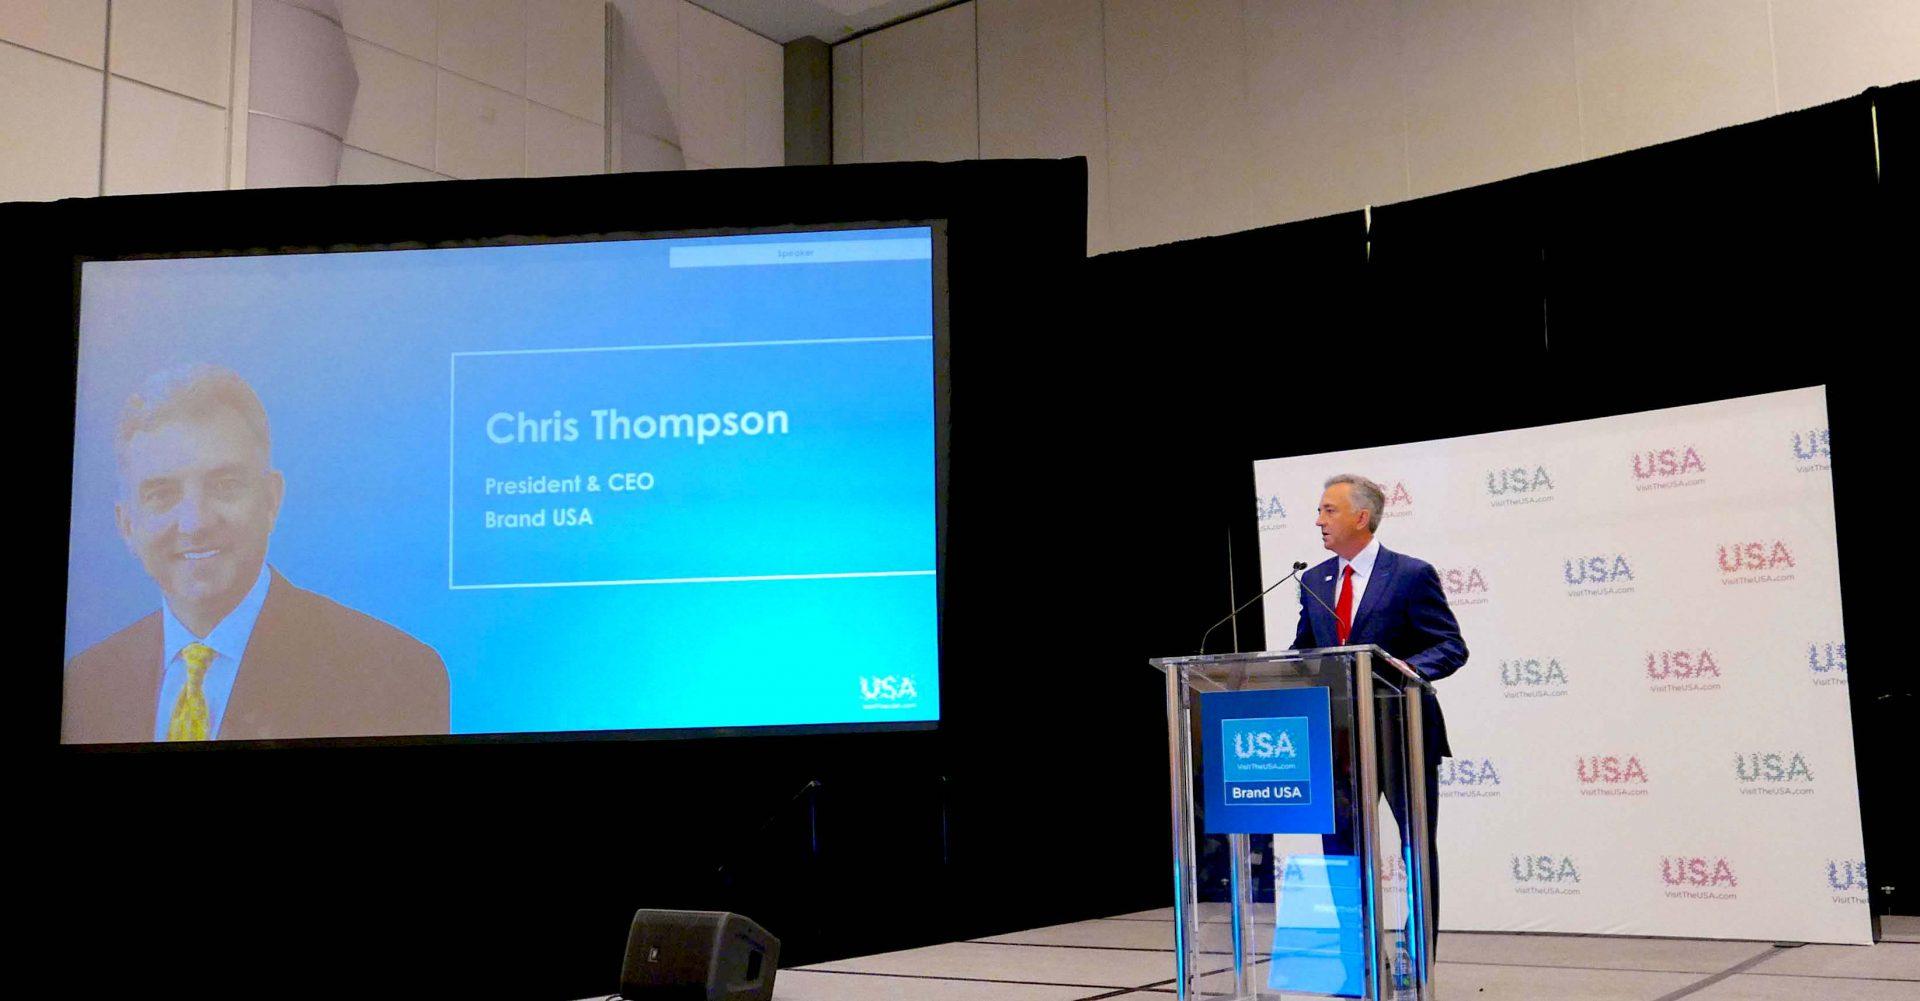 Chris Thompson, presidente e CEO da Brand USA inicia sua apresentação, durante coletiva de impressa no IPW 2018